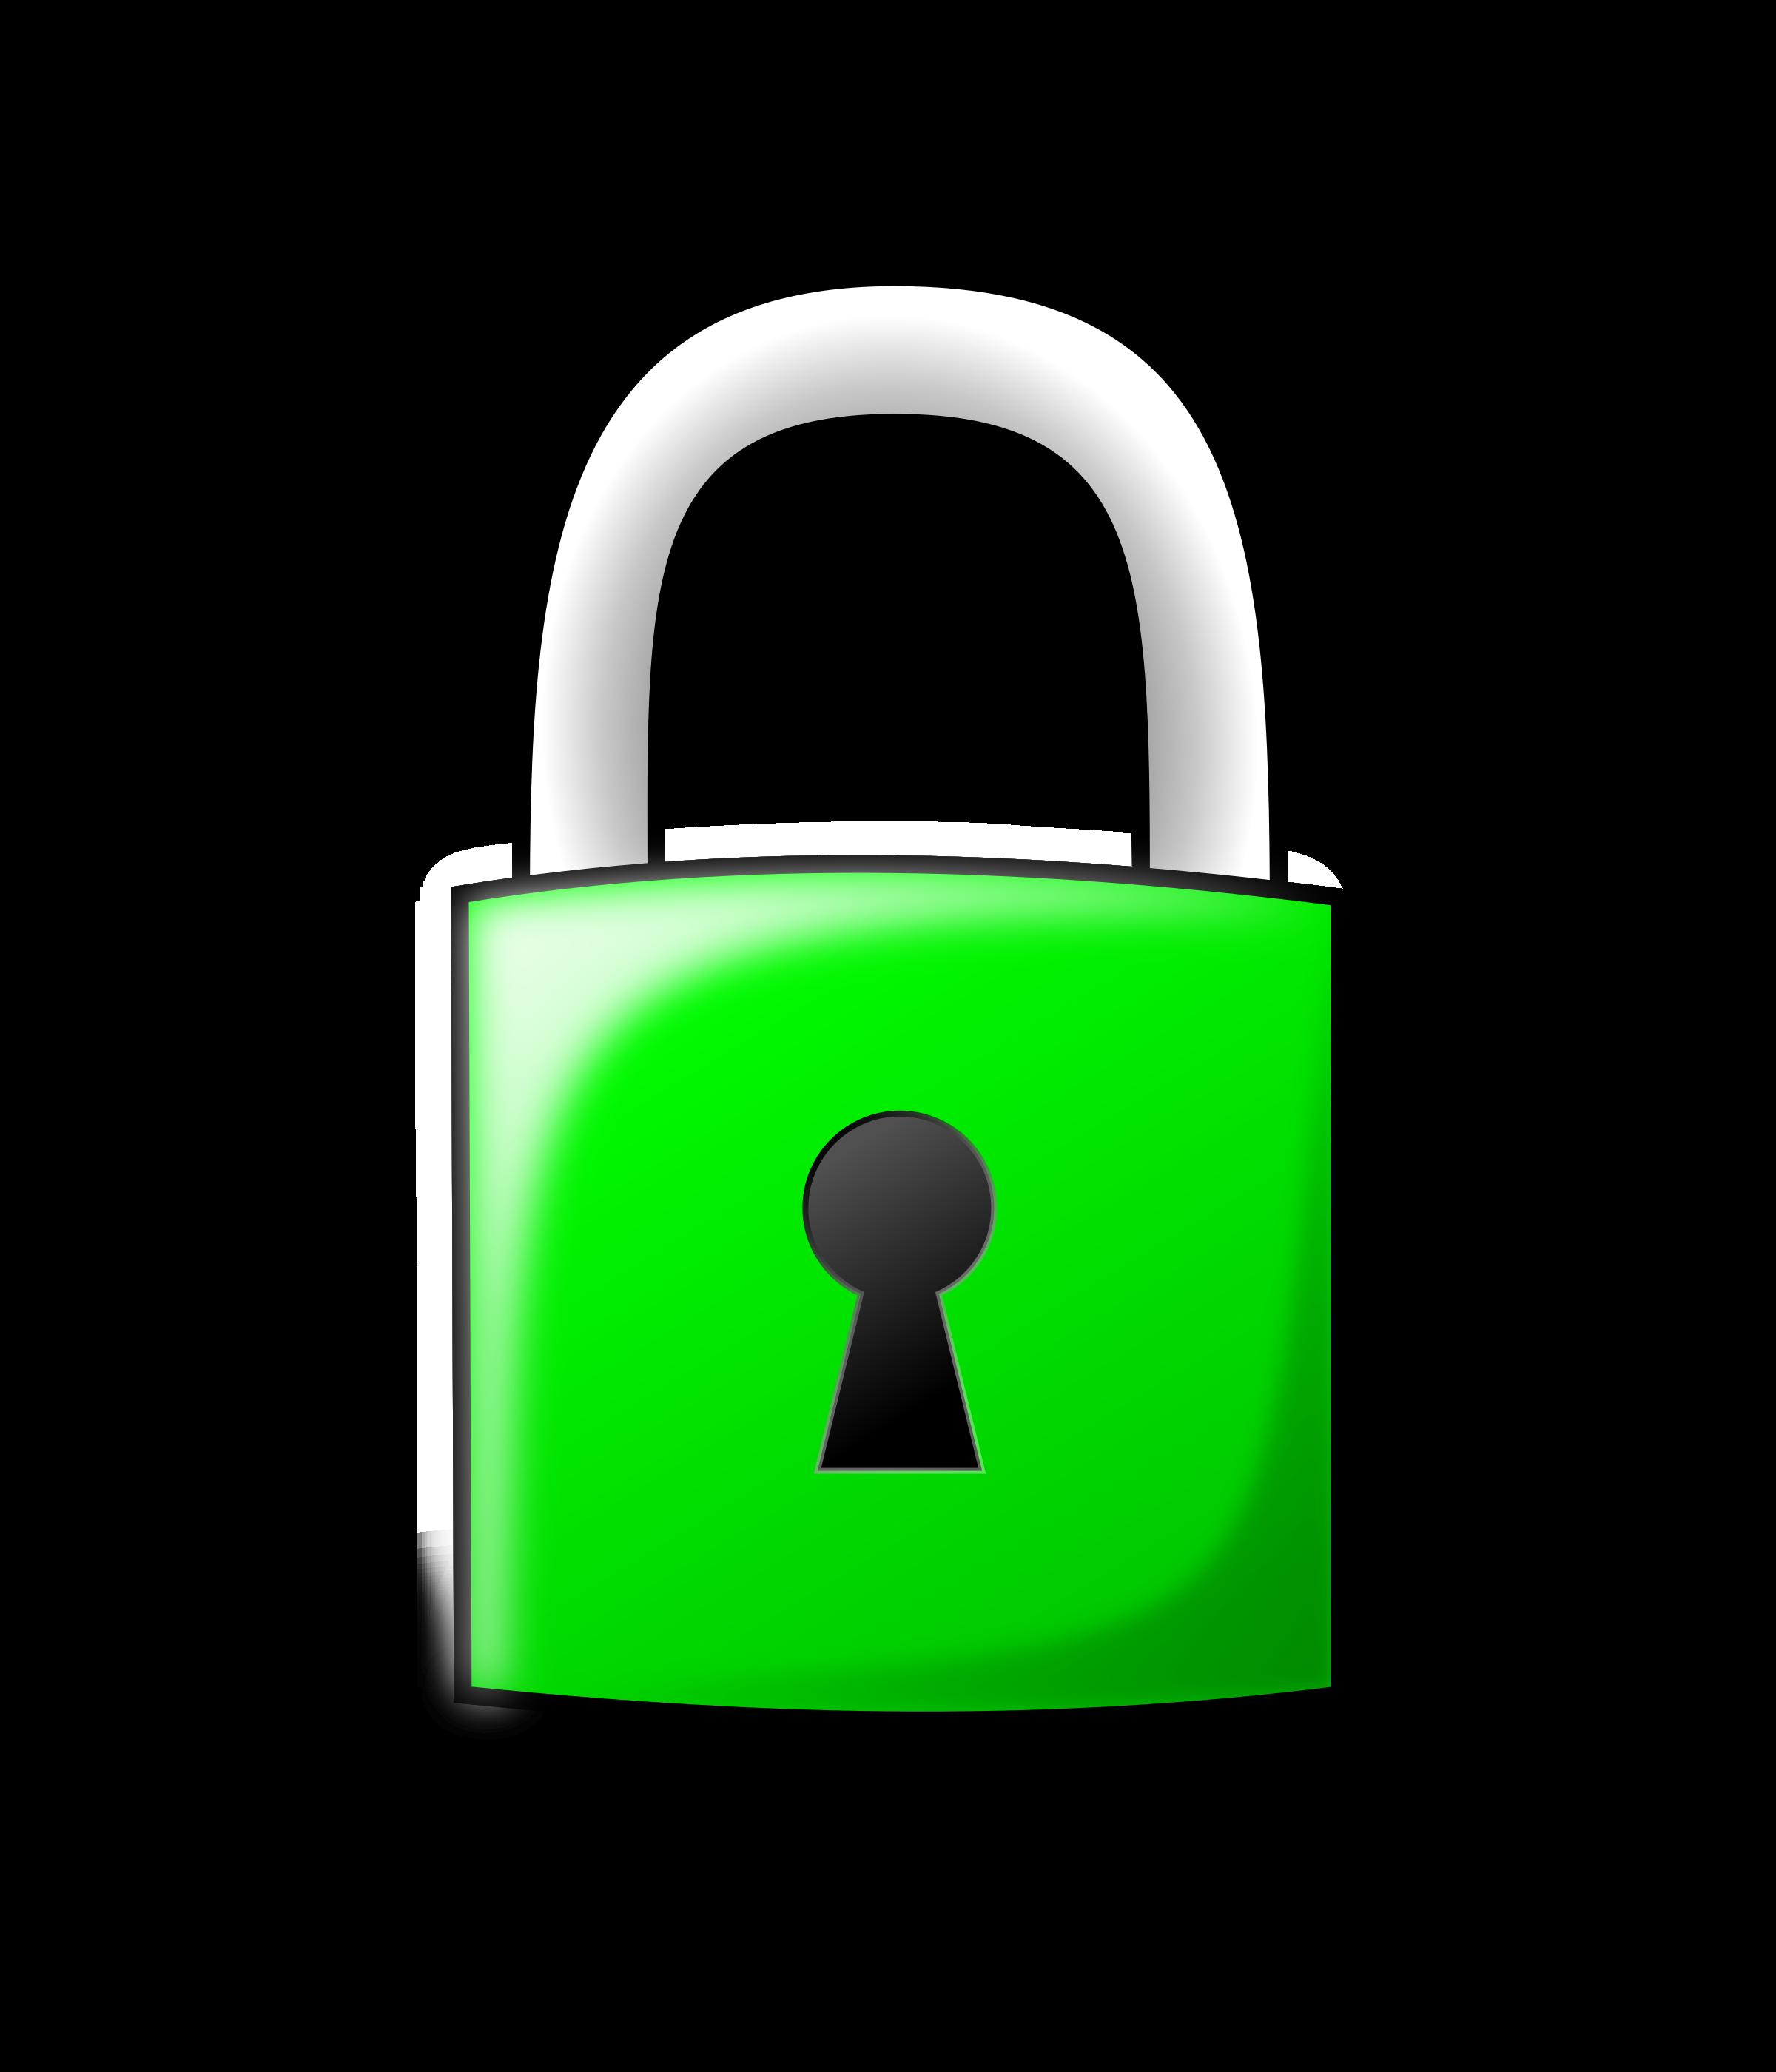 Padlock. Lock clipart simple